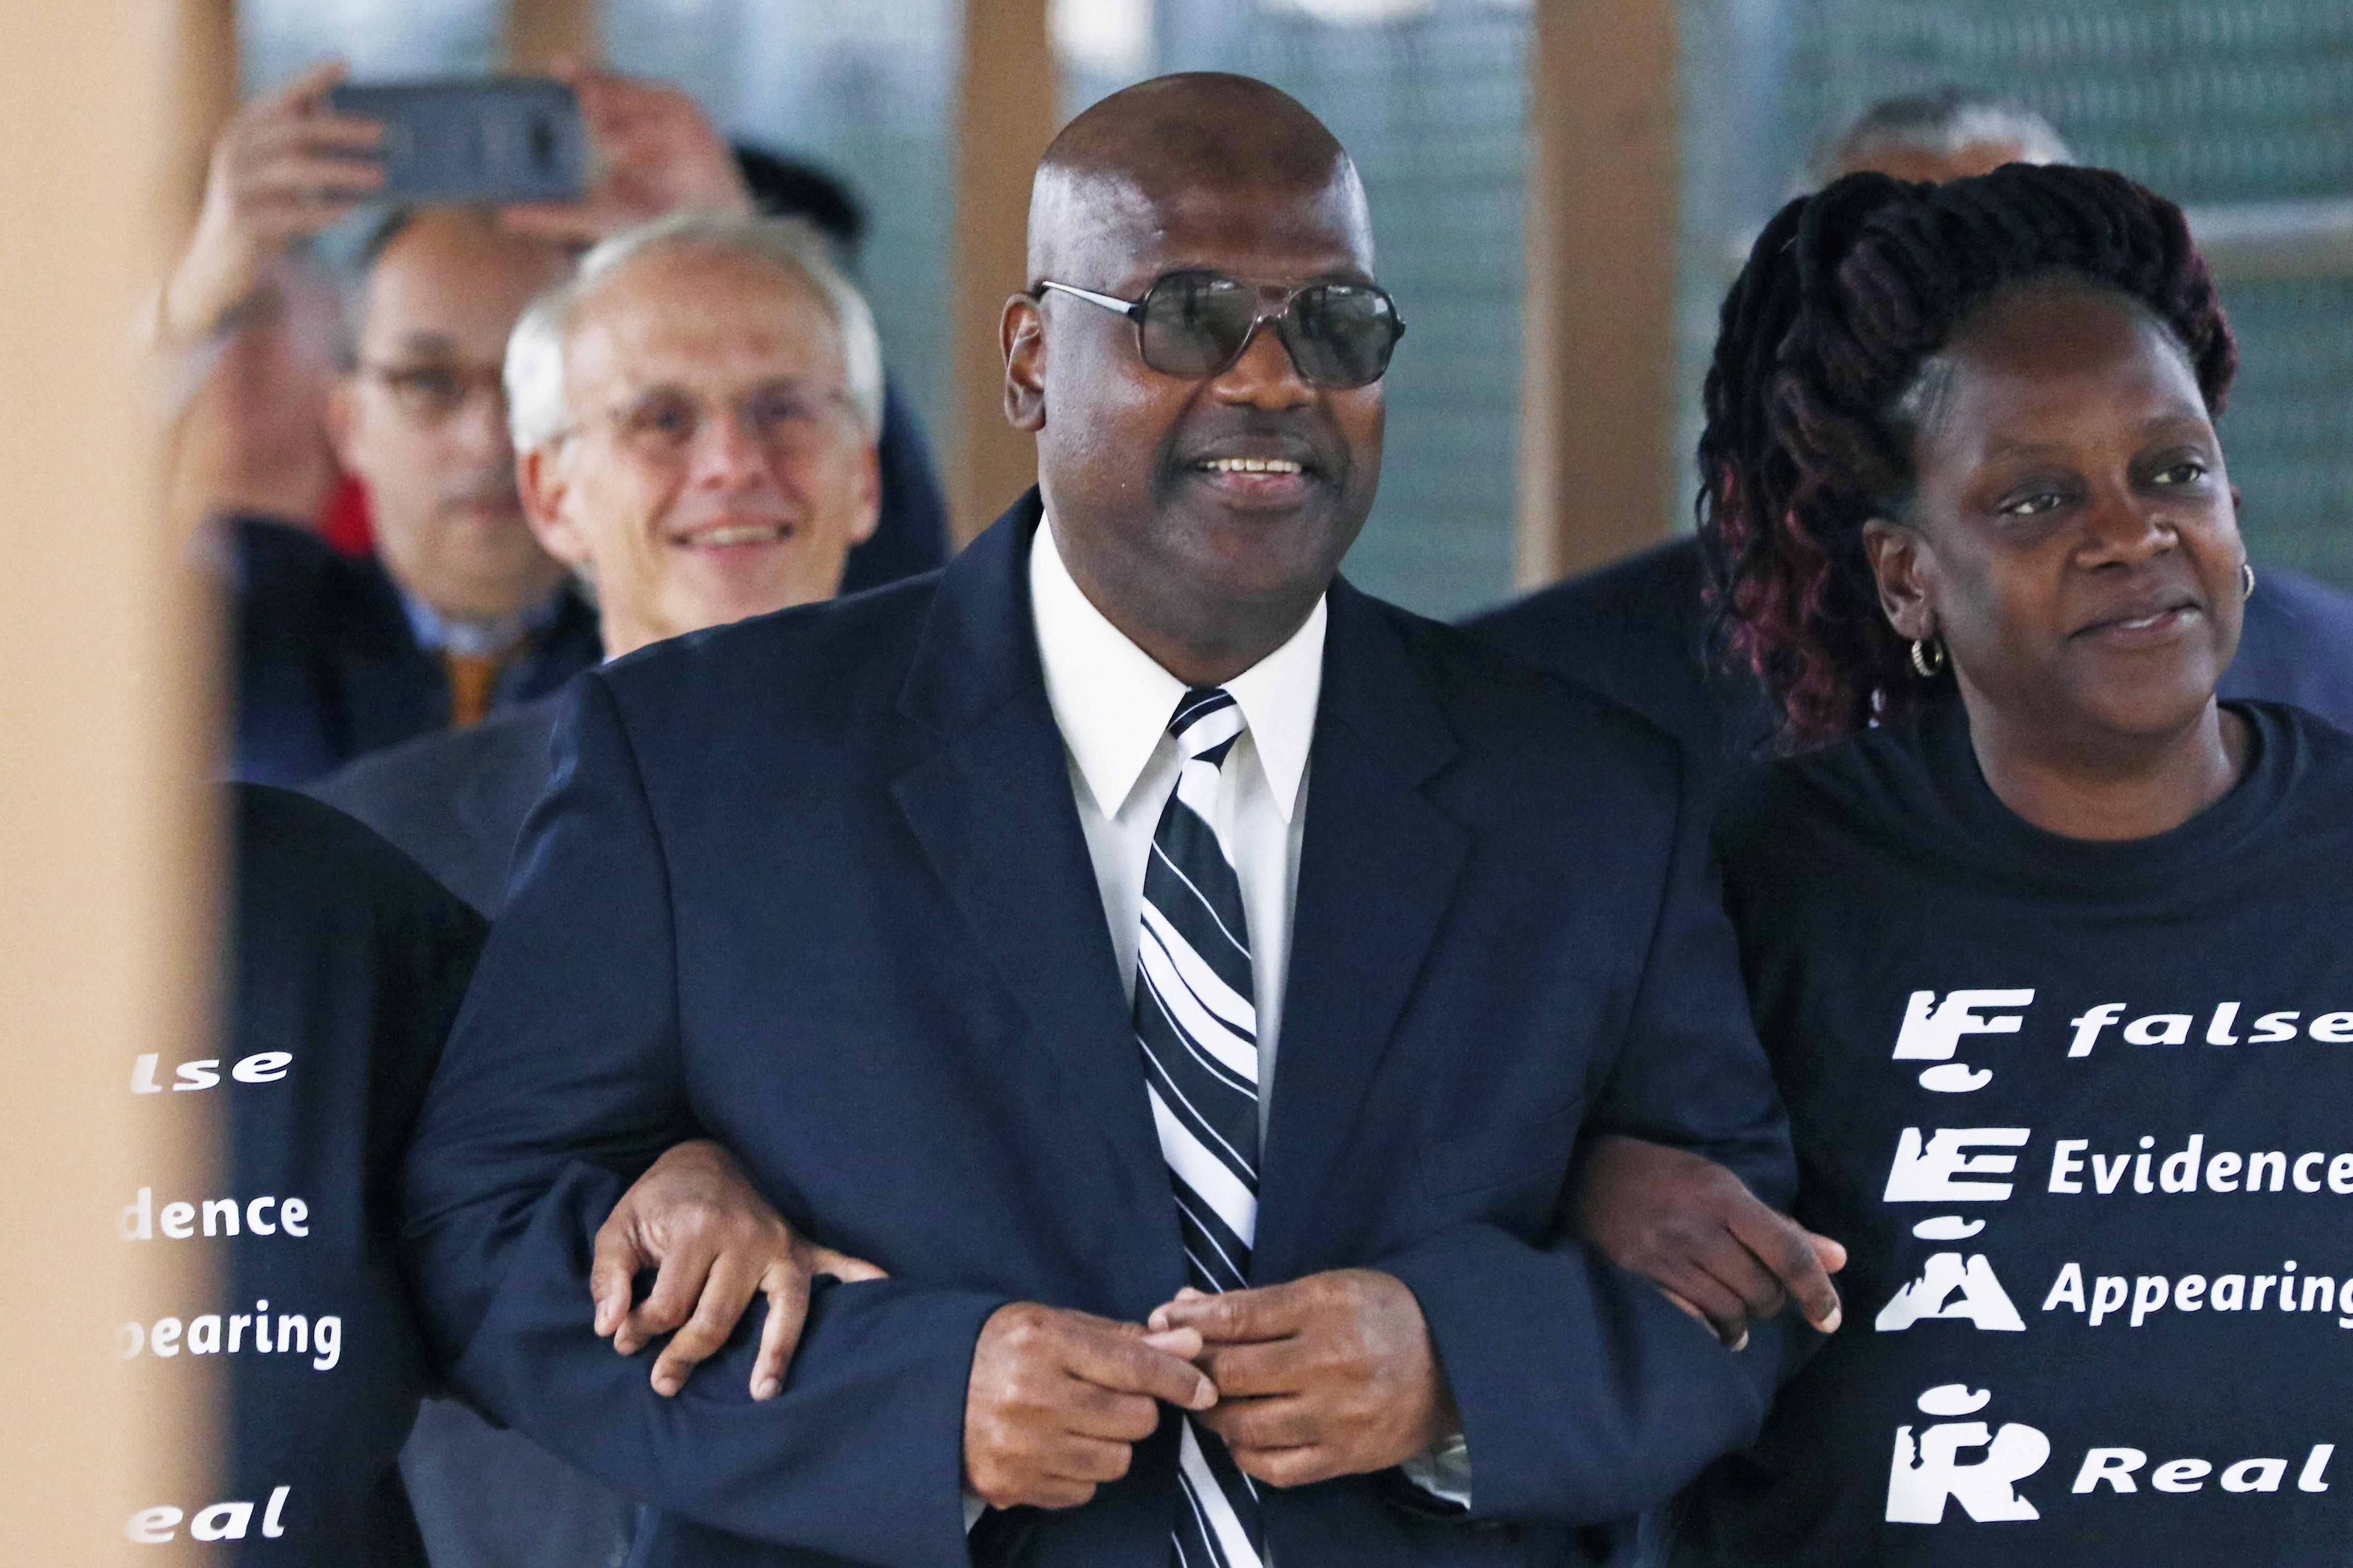 密西西比州第五巡迴法庭法官裁定,坐了23年冤獄的佛羅華斯(圖中)將獲得該州的最高賠償50萬美元。    美聯社